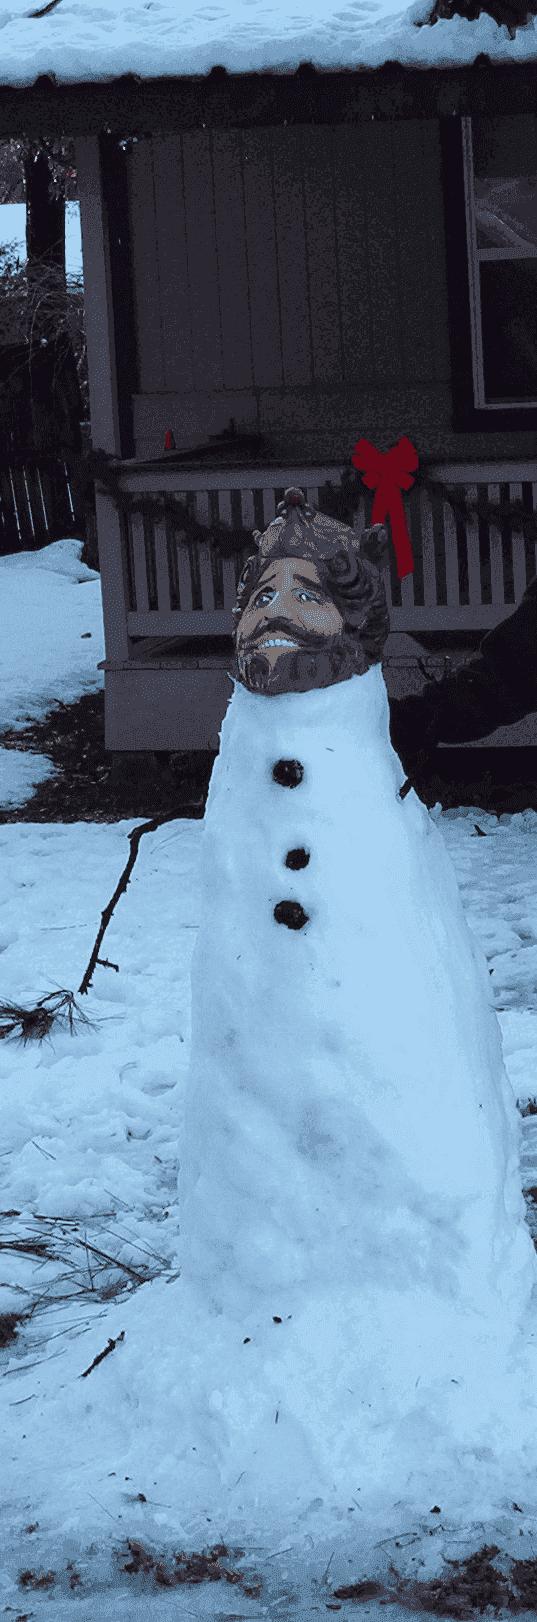 BK Snowman.png